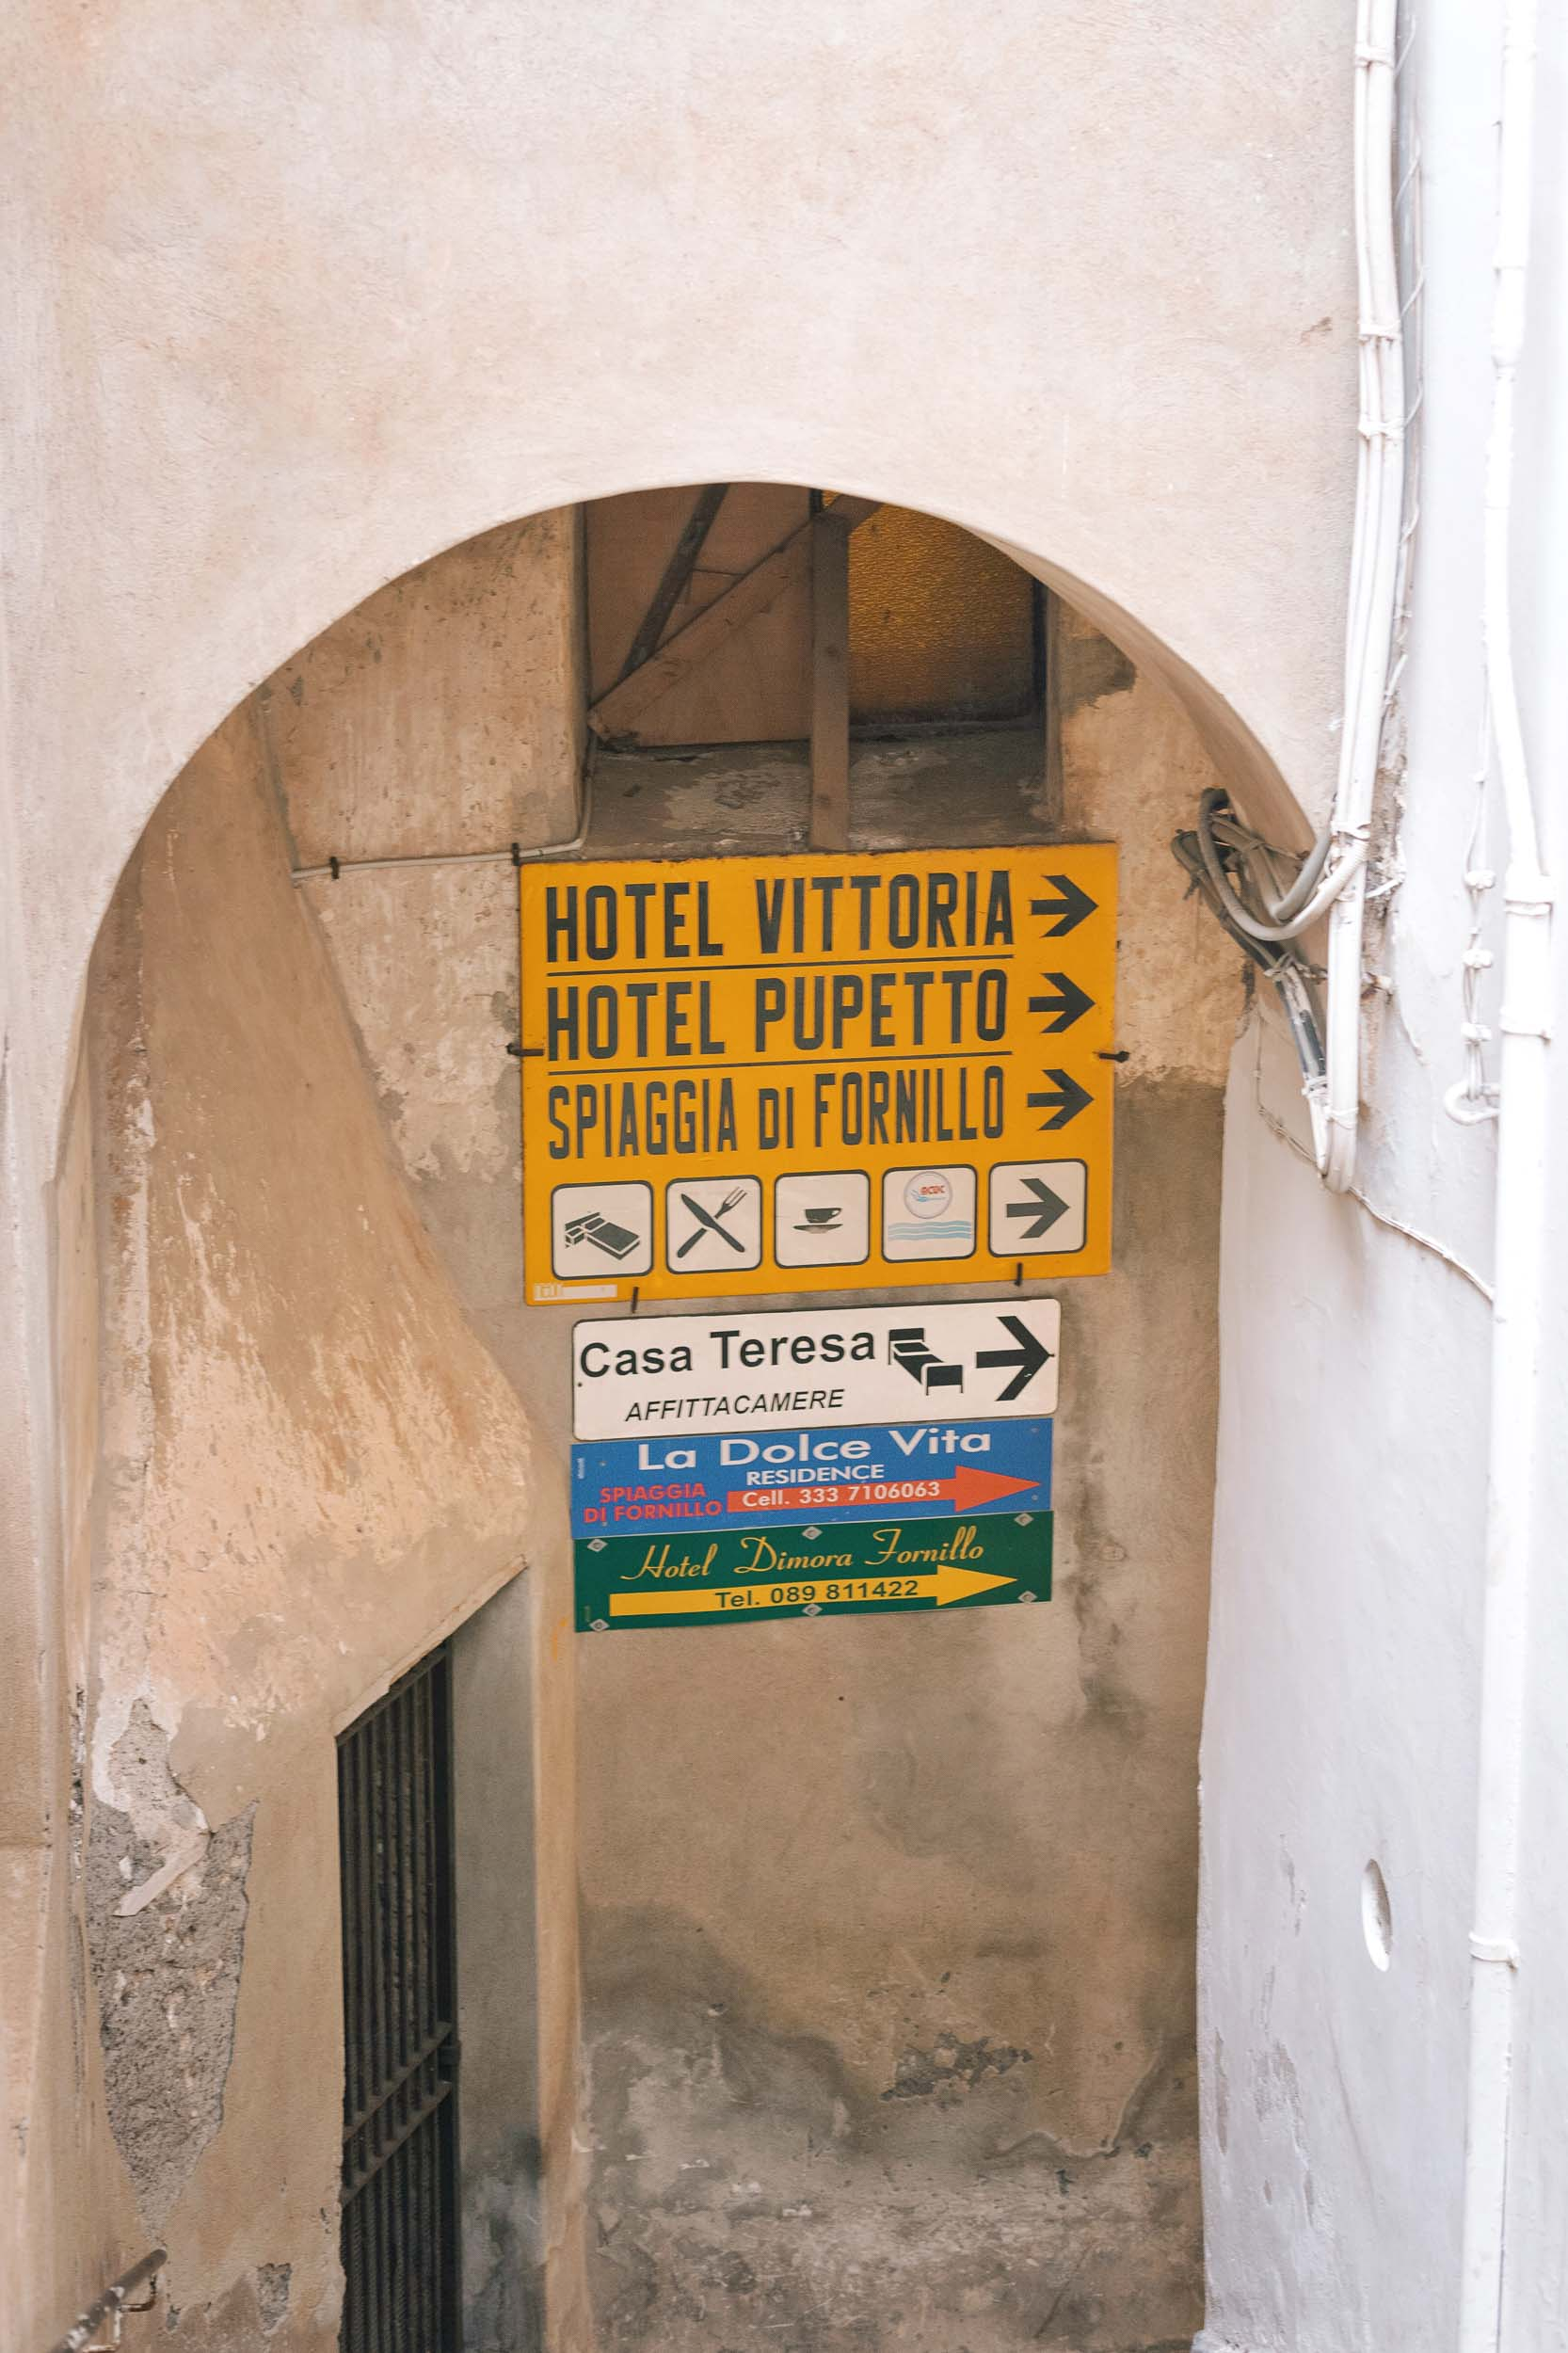 The walk to Spaggia di Fornillo, the beach in Positano that the locals go to